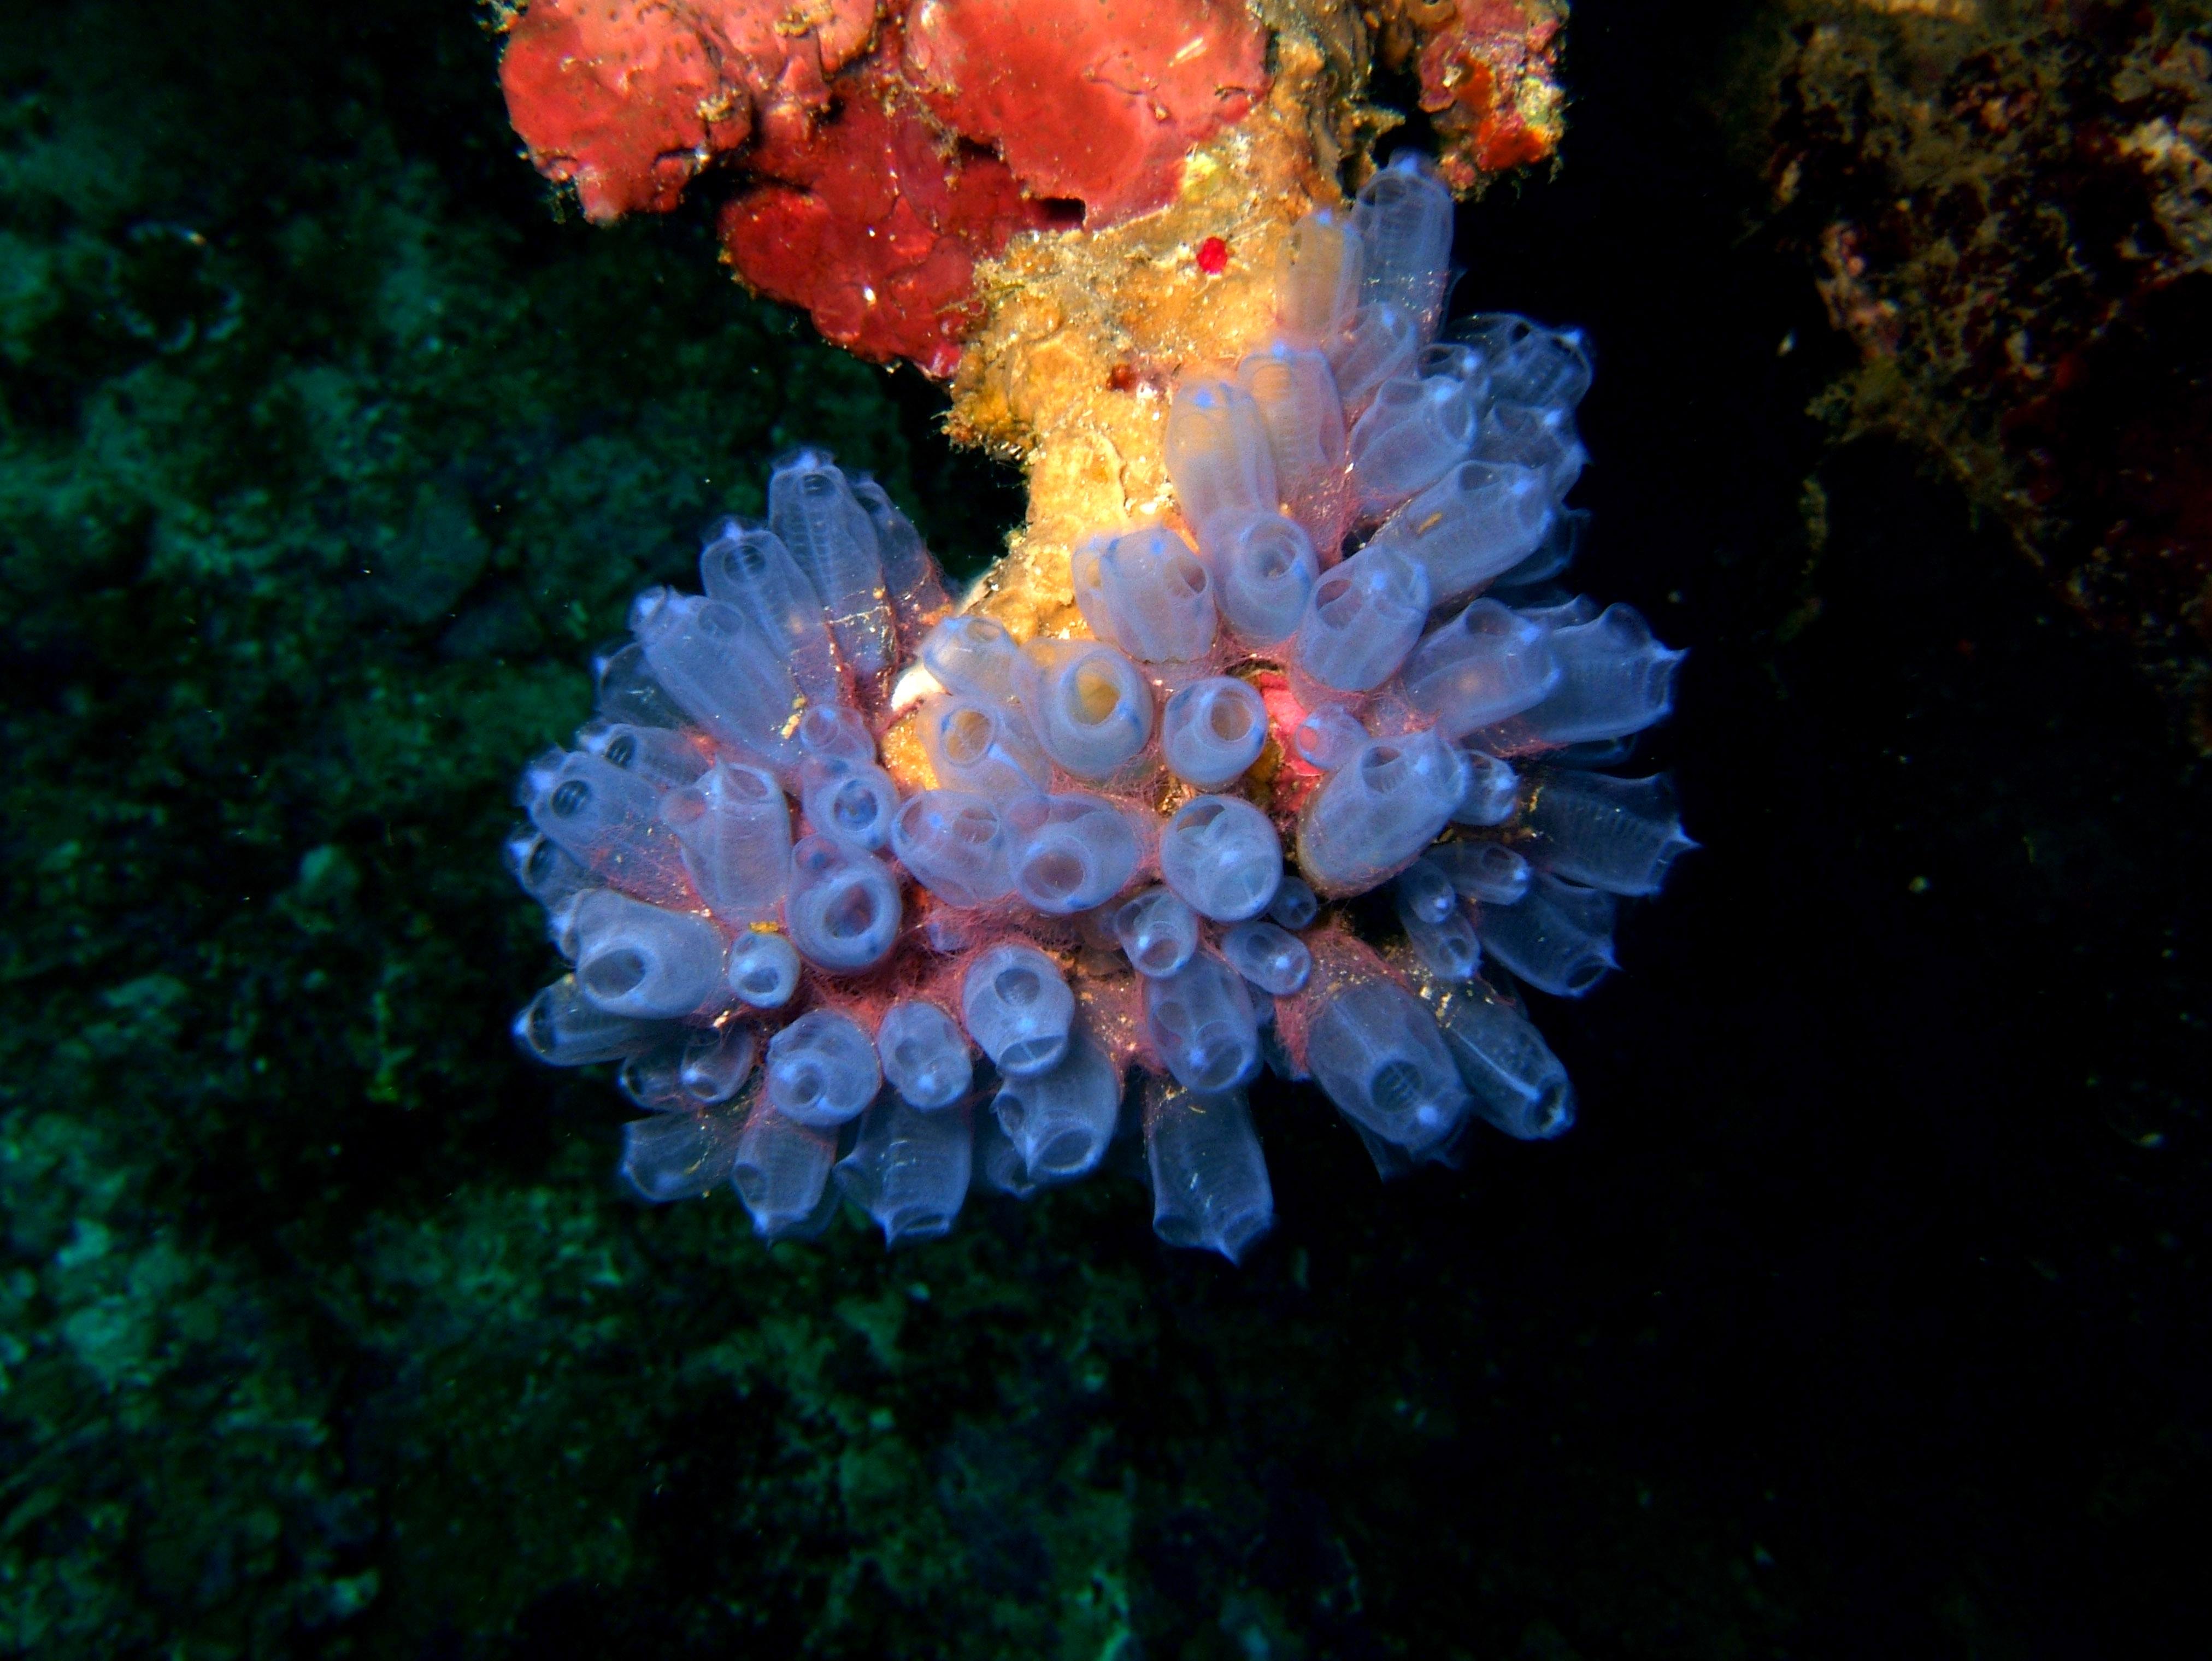 Philippines Cebu Bohol Balicasag Island Rudys rock dive Dec 2005 02